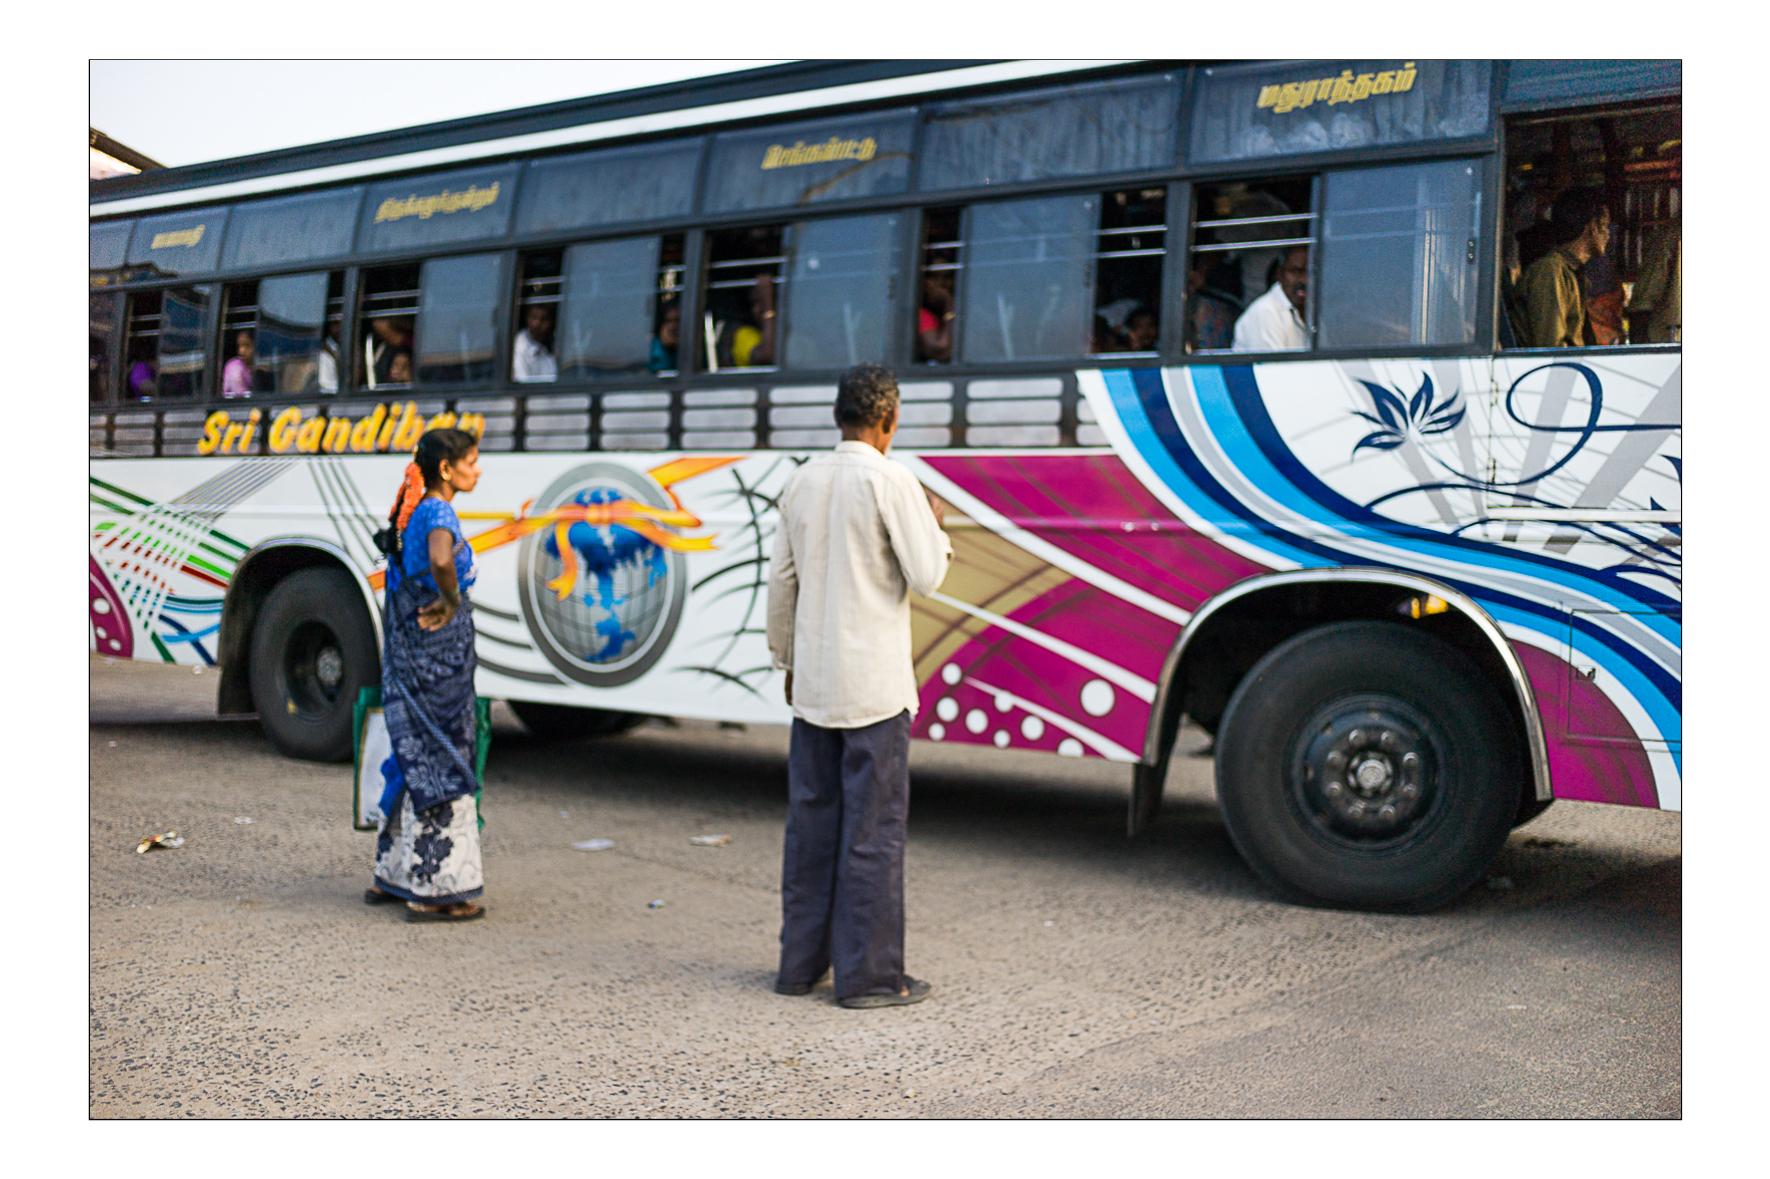 Bus station, Chennai 2014